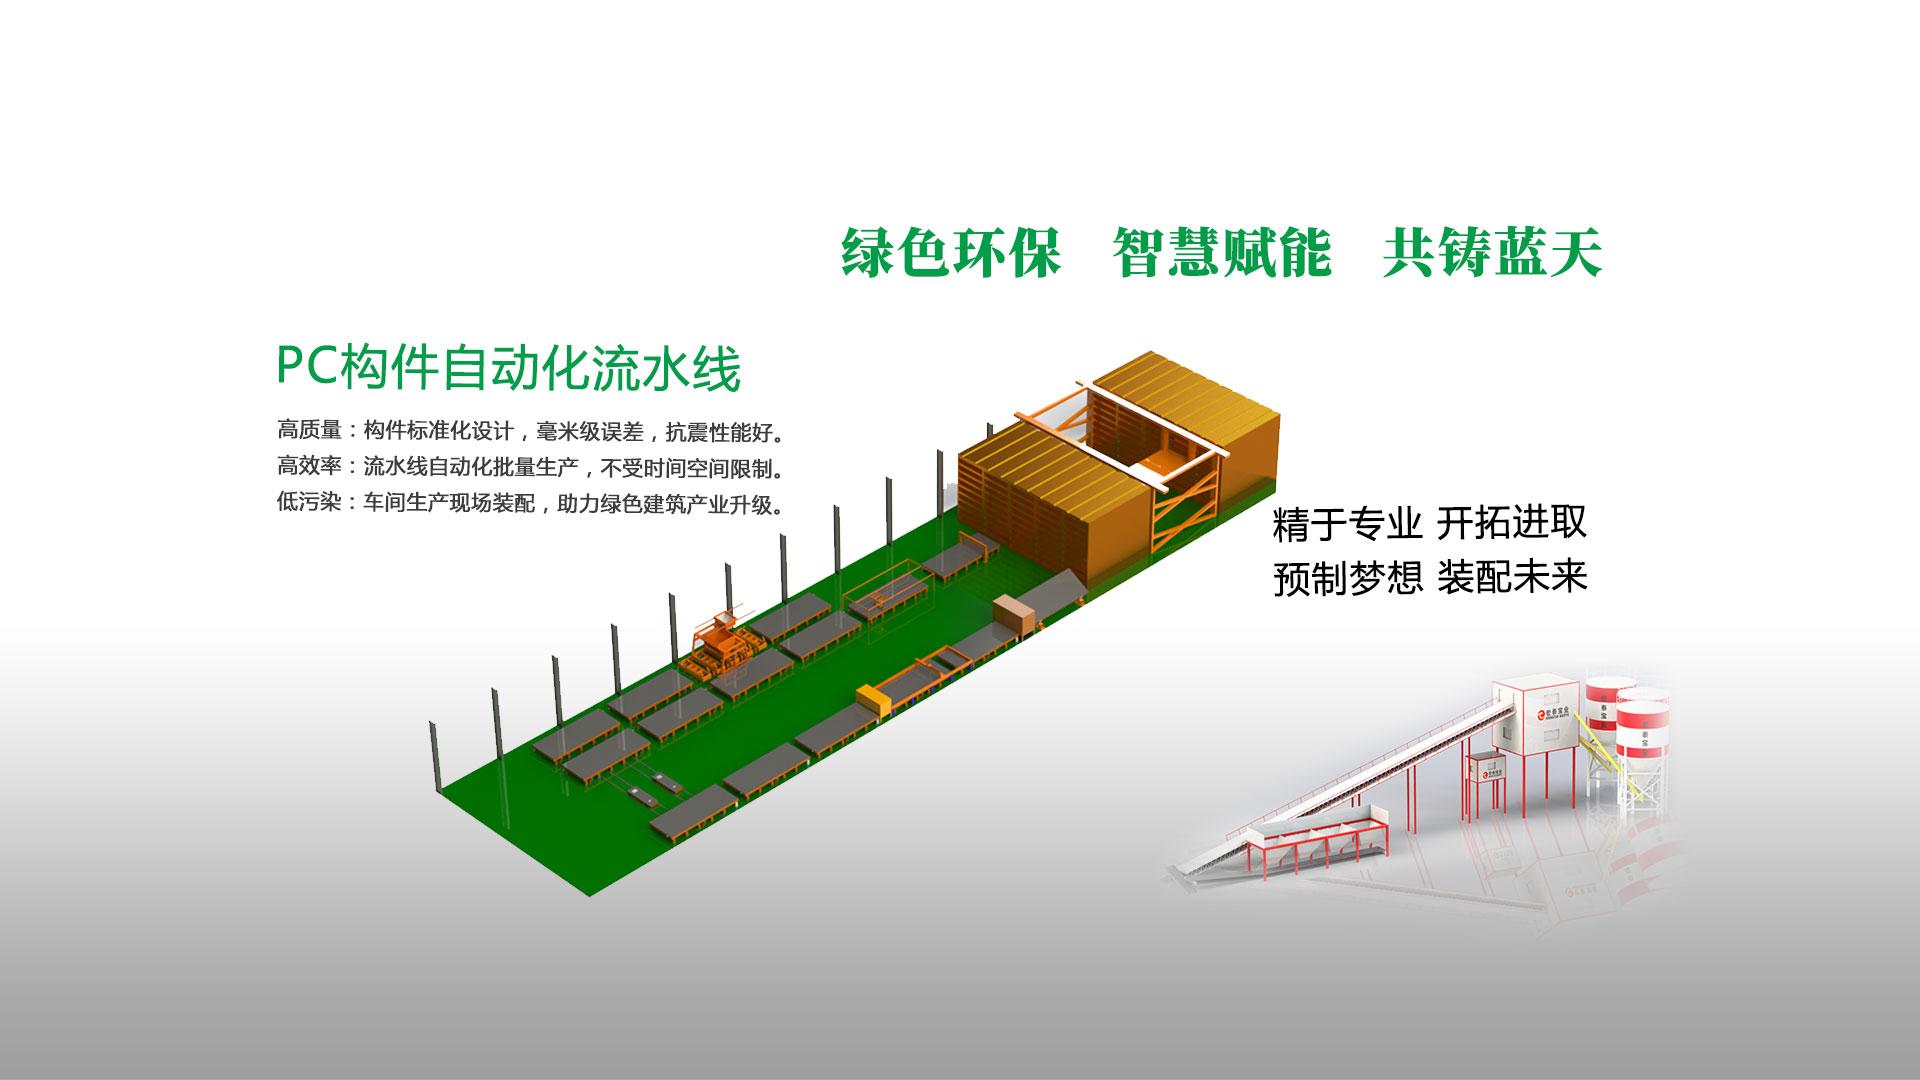 官网潍坊市路通机械电子有限公司|沥青混凝土搅拌站,混凝土搅拌站,稳定土拌和站,北方路通,路通机械